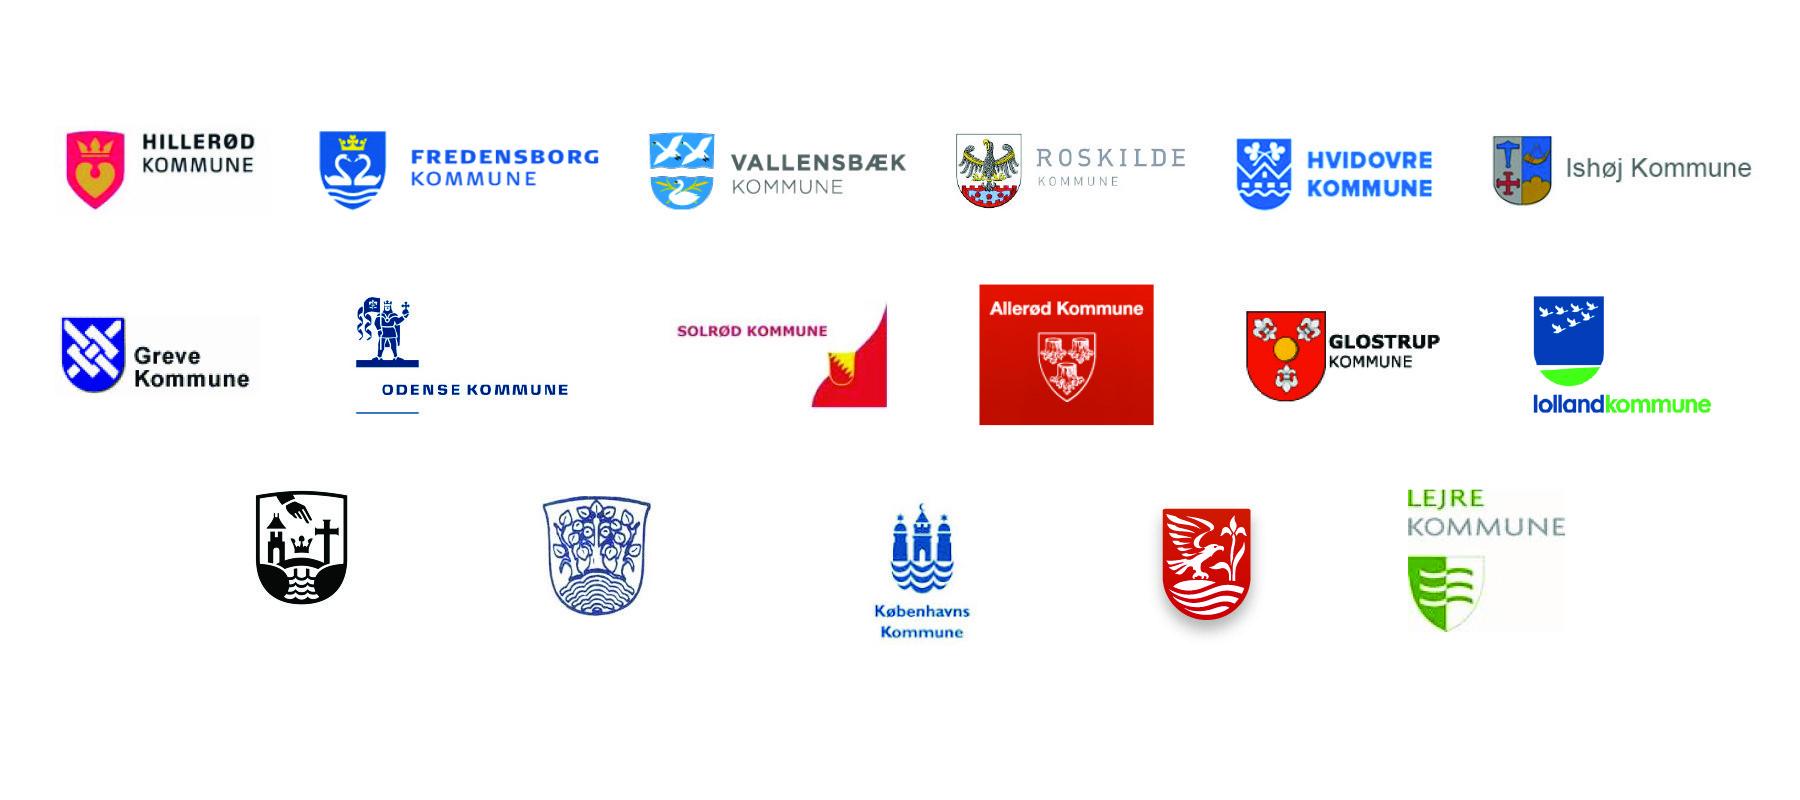 MarteMeo samarbejdspartnere. Logo af forskellige kommuner som samarbejder med MarteMeo Uddannelsen.